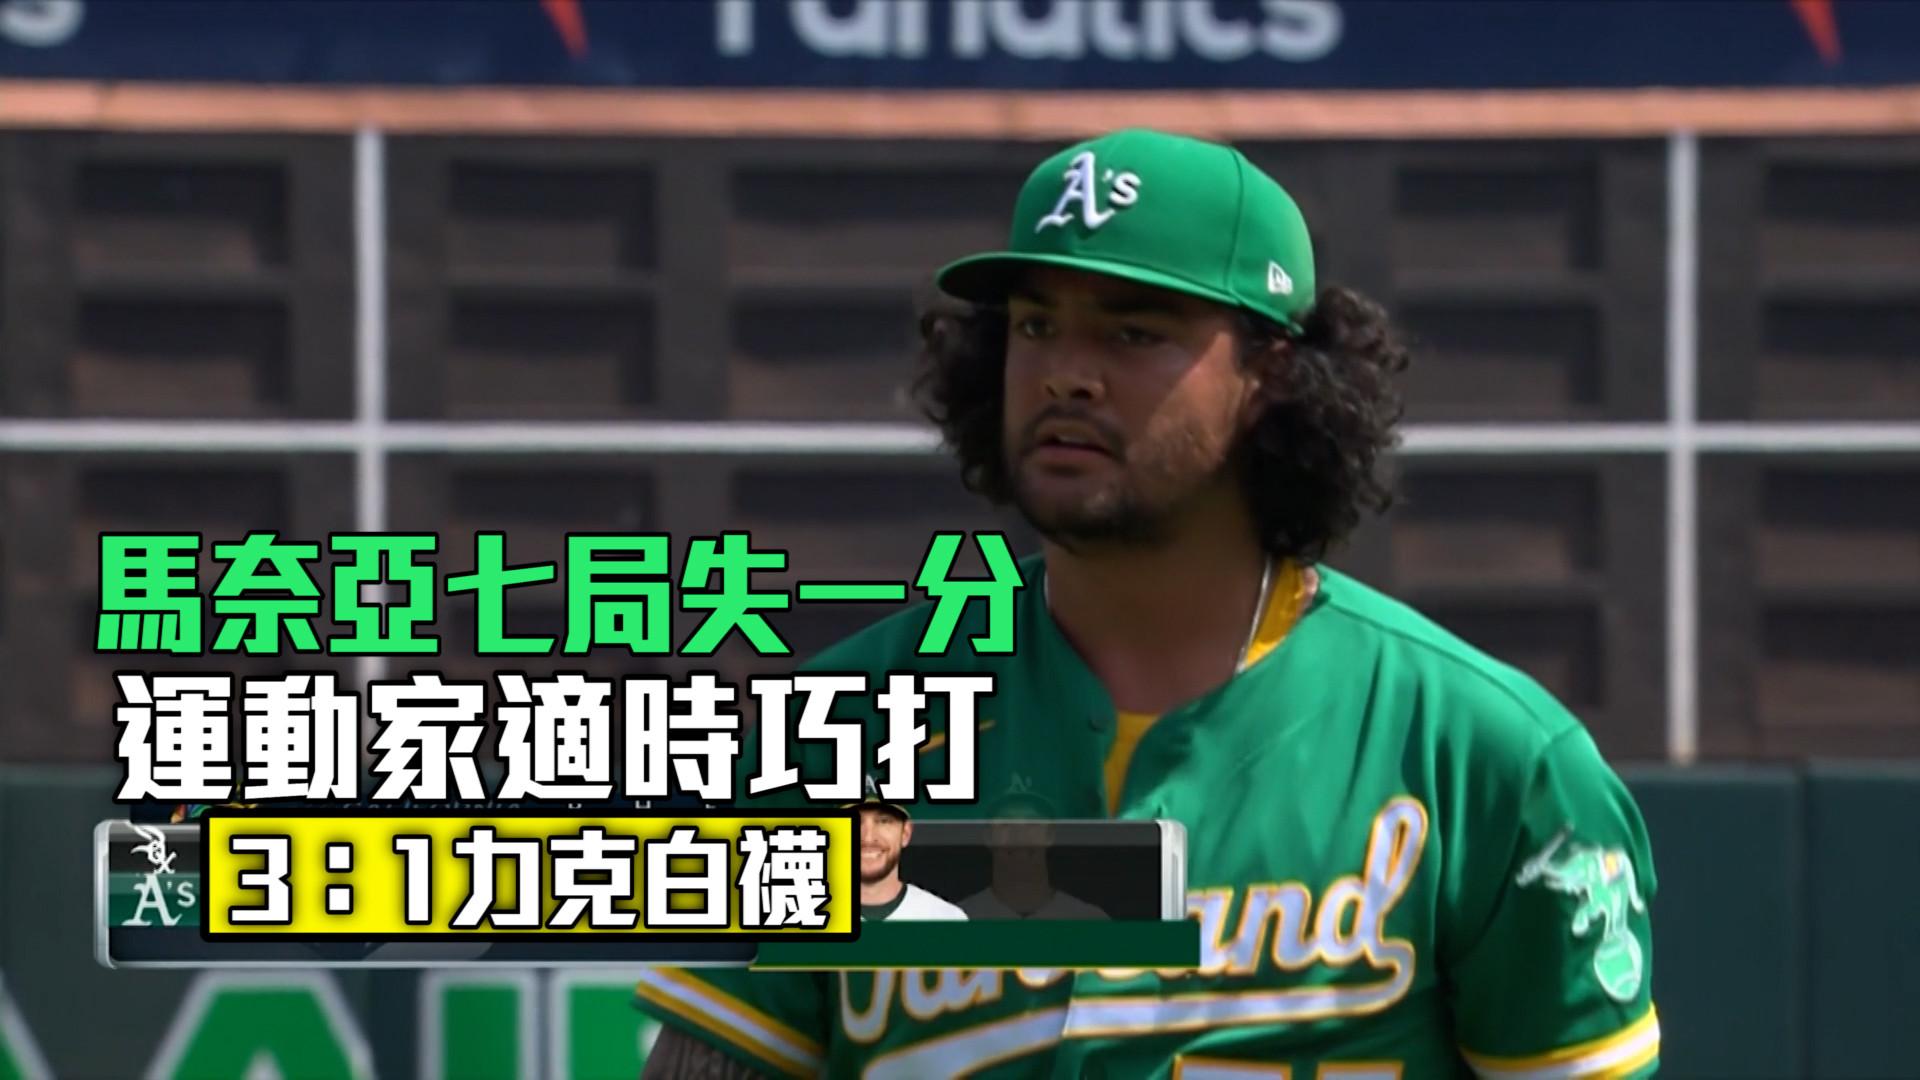 【MLB看愛爾達】馬奈亞7局好投 率運動家3:1力克白襪 09/10